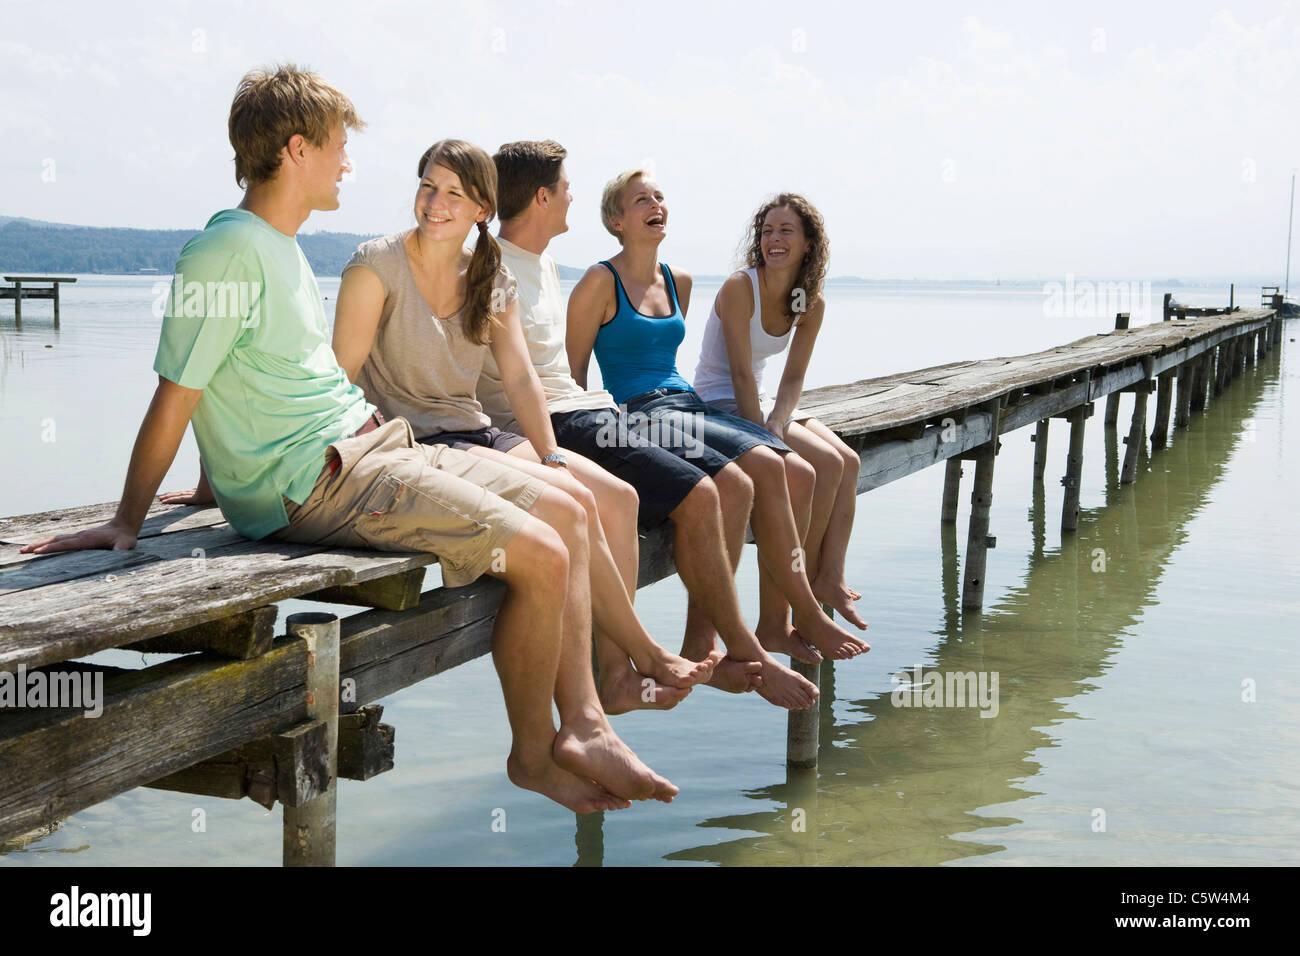 Allemagne, Bavière, Ammersee, jeunes détente sur jetty Photo Stock